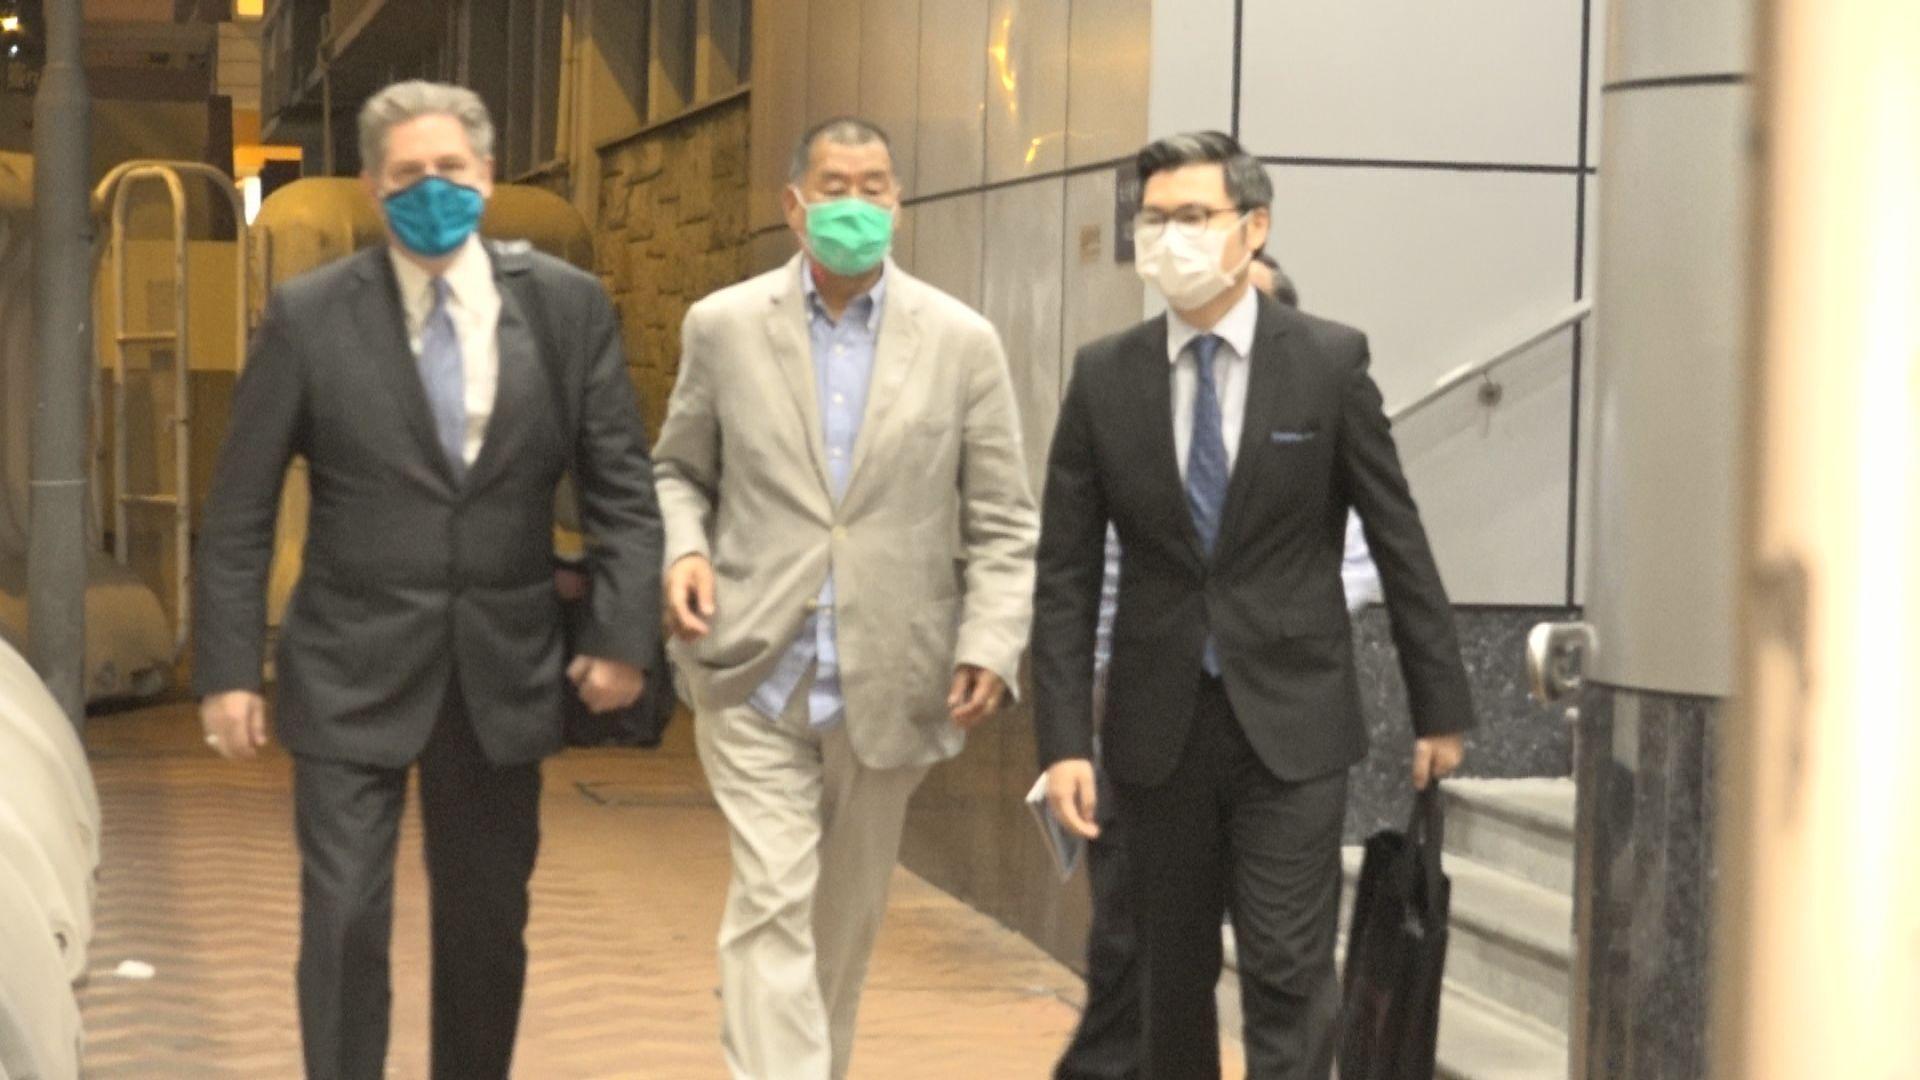 消息:黎智英及兩名壹傳媒高層被控詐騙明提堂